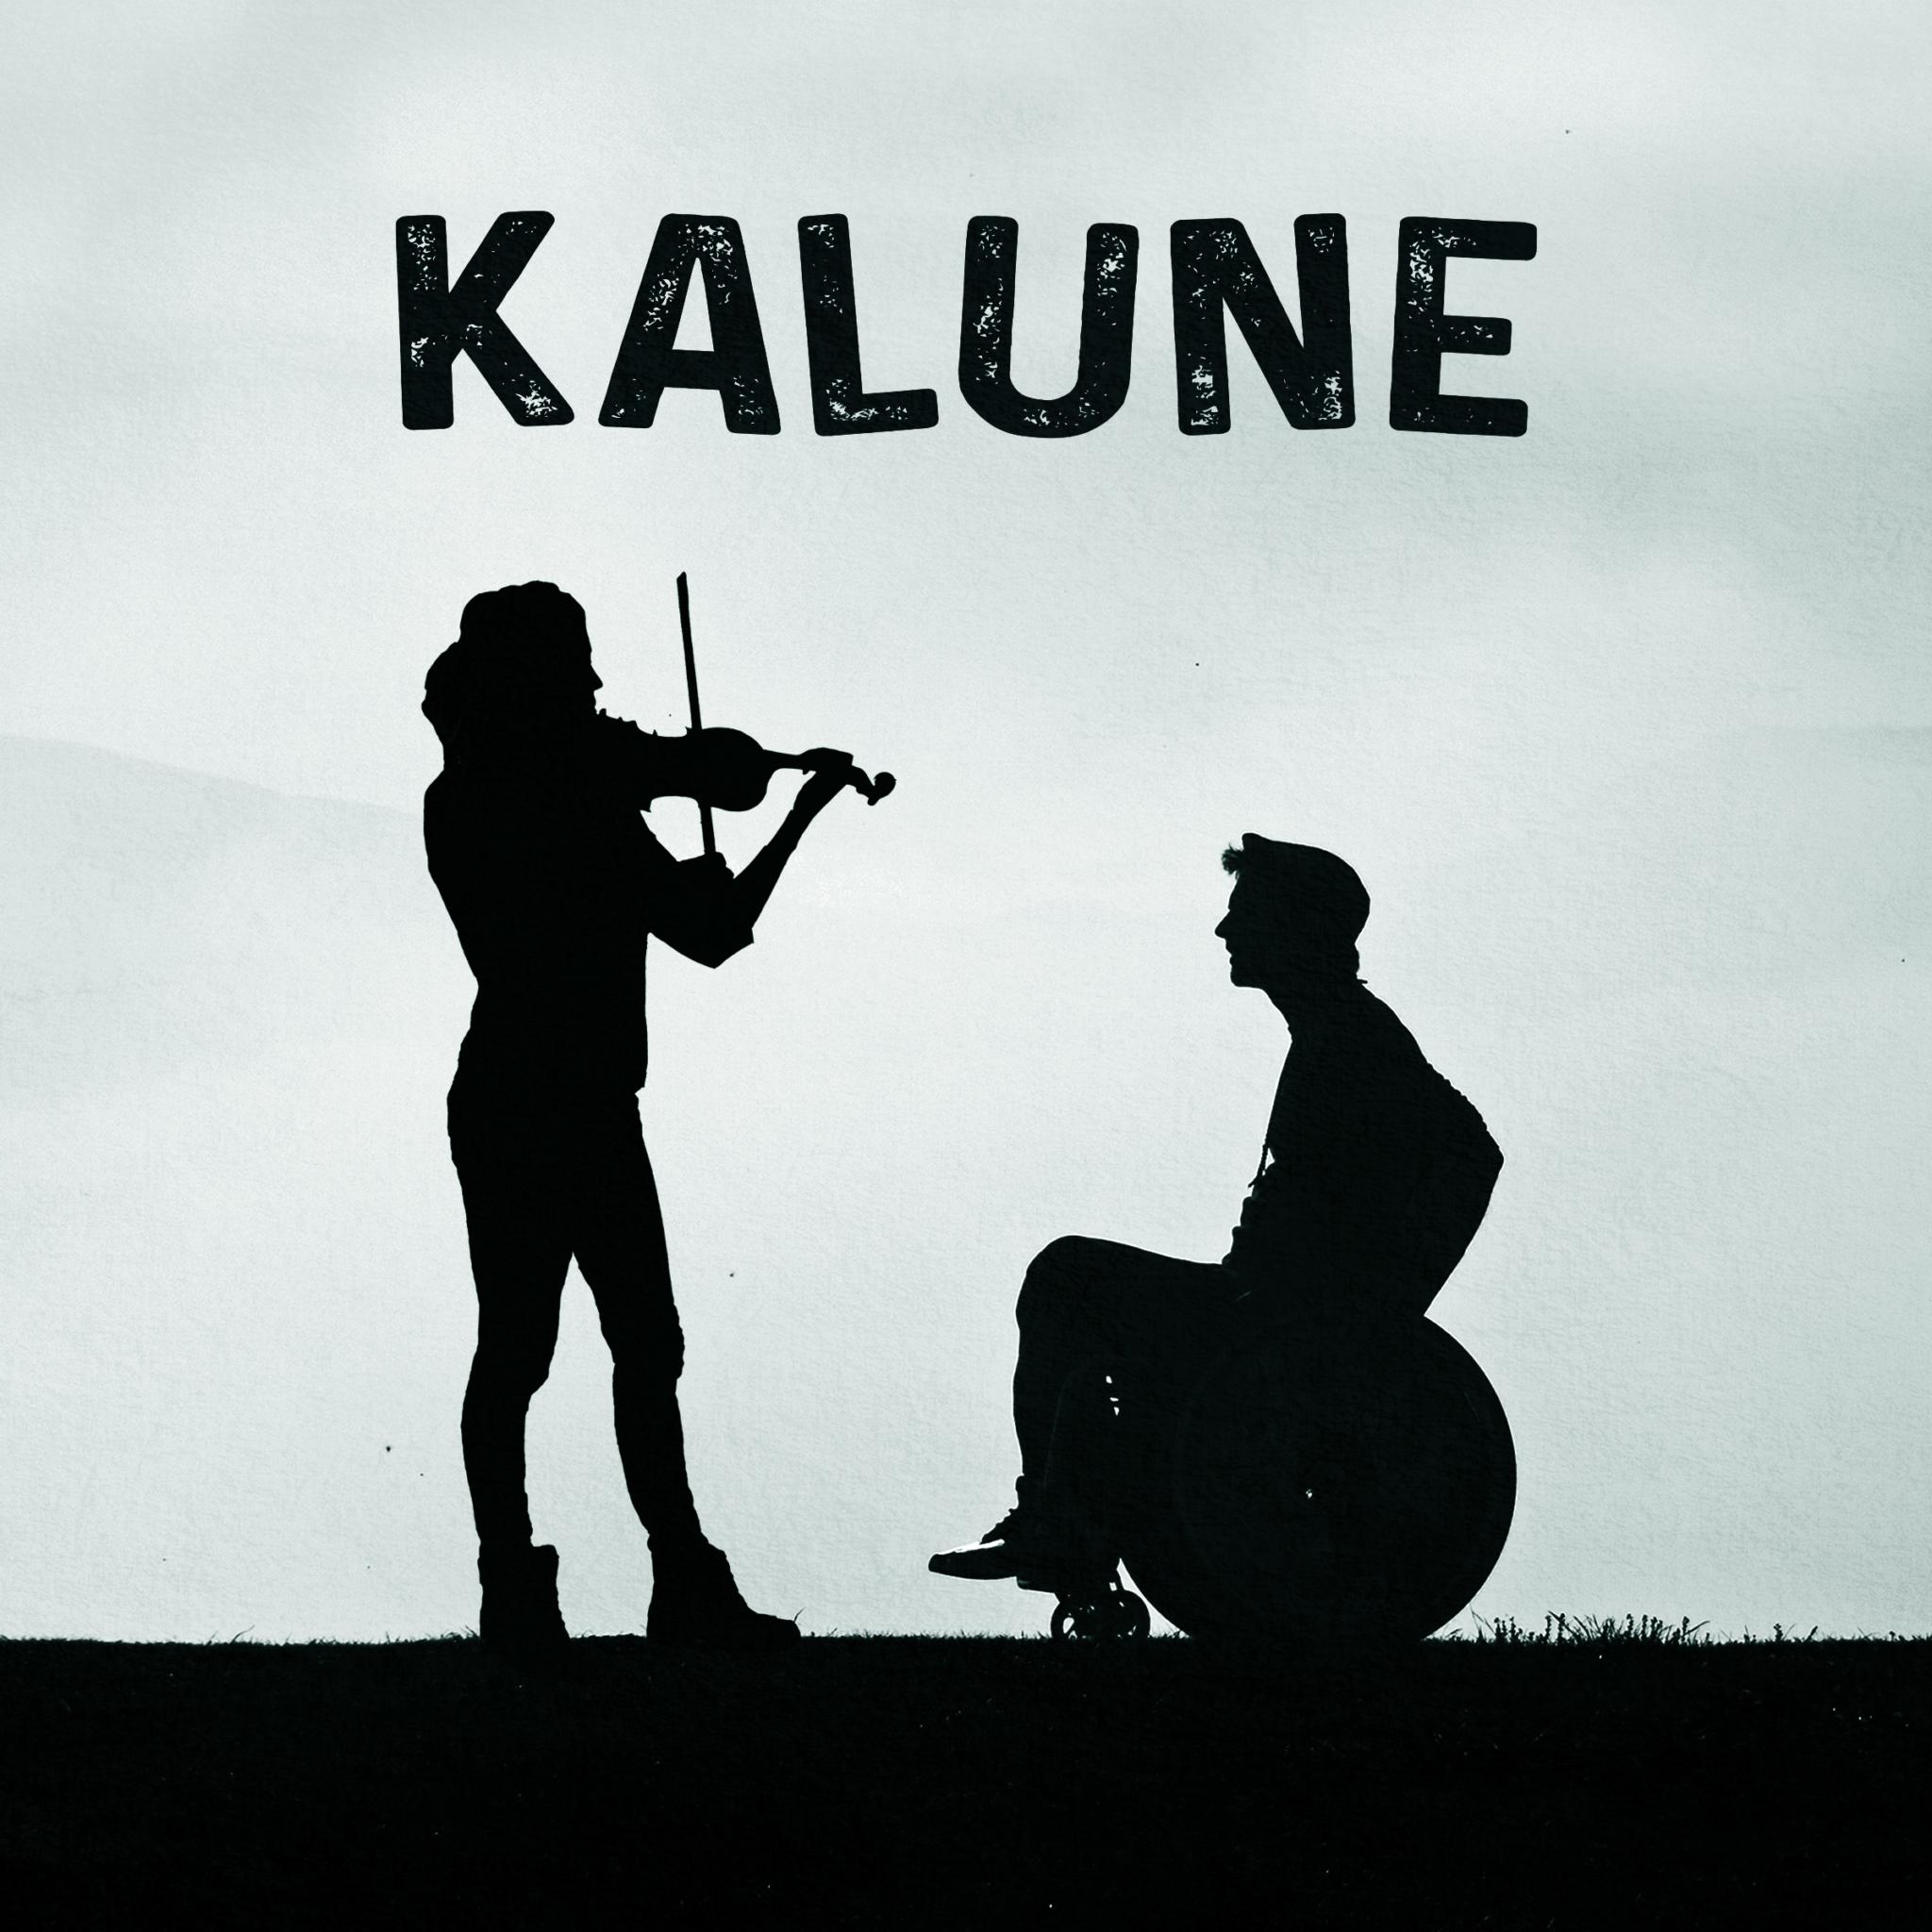 Kalune - son Ep